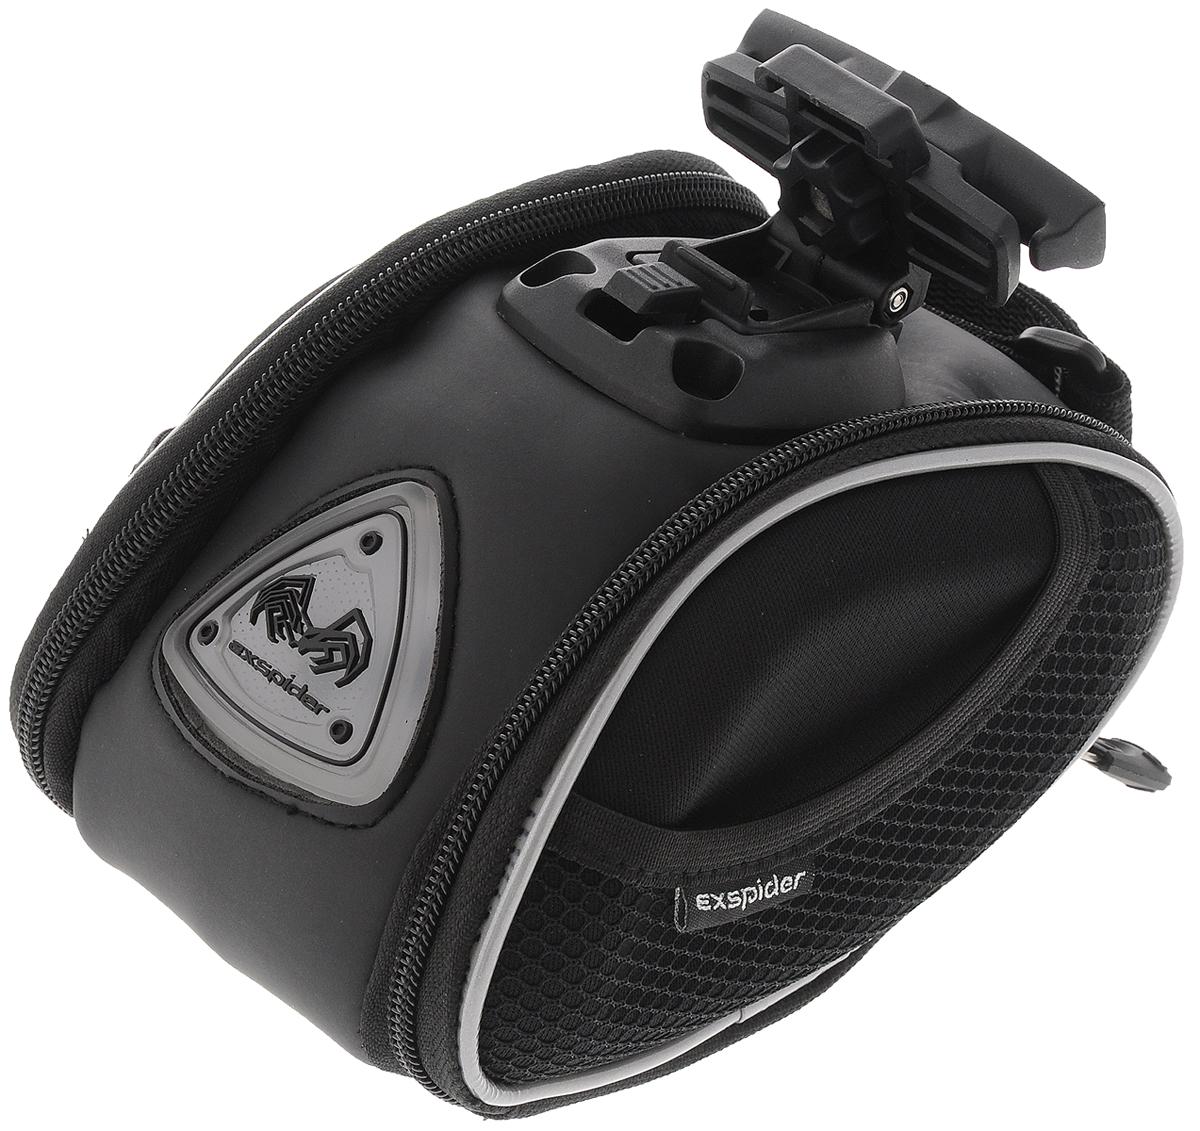 Подседельная сумка EXspider, с подсветкойSB6114L/41010Подседельная сумка EXspider, изготовленная из плотного полиэстера, специально разработана для крепления под седло велосипеда. Сумка оснащена вставками из прочного ударопоглощающего материала EVA (вспененный каучук) для большей надежности. Светоотражающие детали обеспечивают безопасность в темное время суток. Изделие имеет вместительный отсек на молнии для хранения небольших инструментов, личных вещей, легкого дождевика. Сбоку также имеется дополнительный карман на молнии и два сетчатых кармана на резинке. Быстросъемная пластиковая пряжка может быть закреплена под разными углами, чтобы сохранить горизонтальное положение сумки. Светящийся светодиодный логотип делает сумку оригинальной и стильной. Необходимо докупить 2 батарейки типа ААА (в комплект не входят).